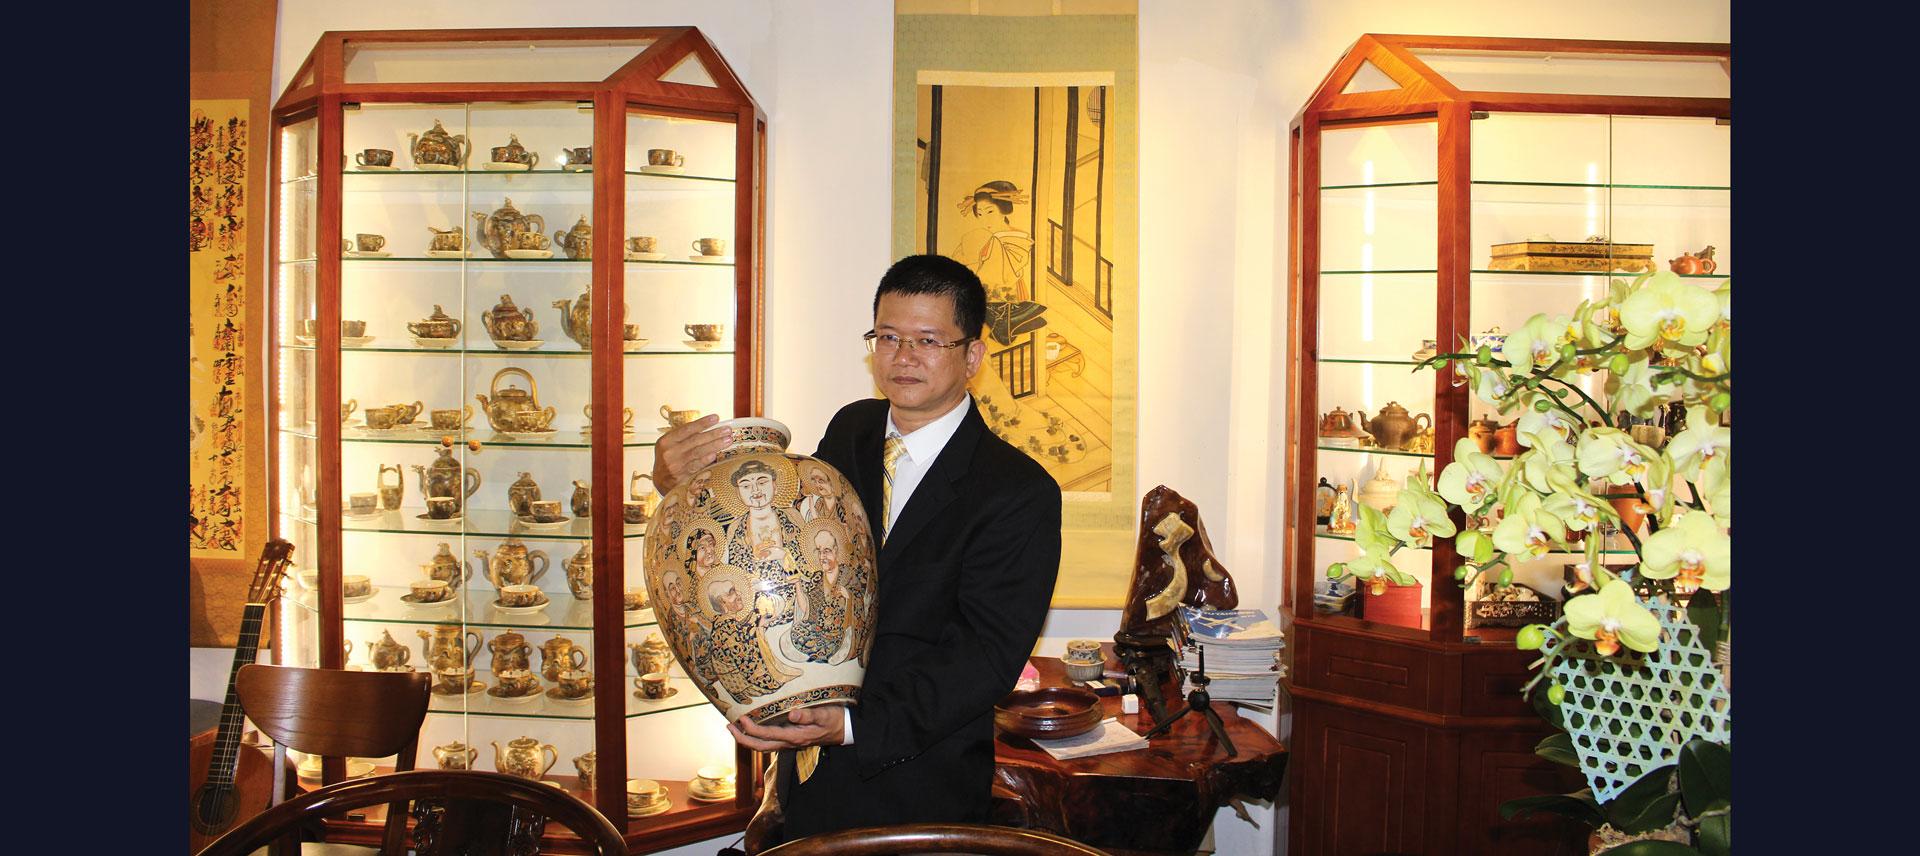 Gặp gỡ nhóm sưu tập gốm cổ Nhật ảnh 2